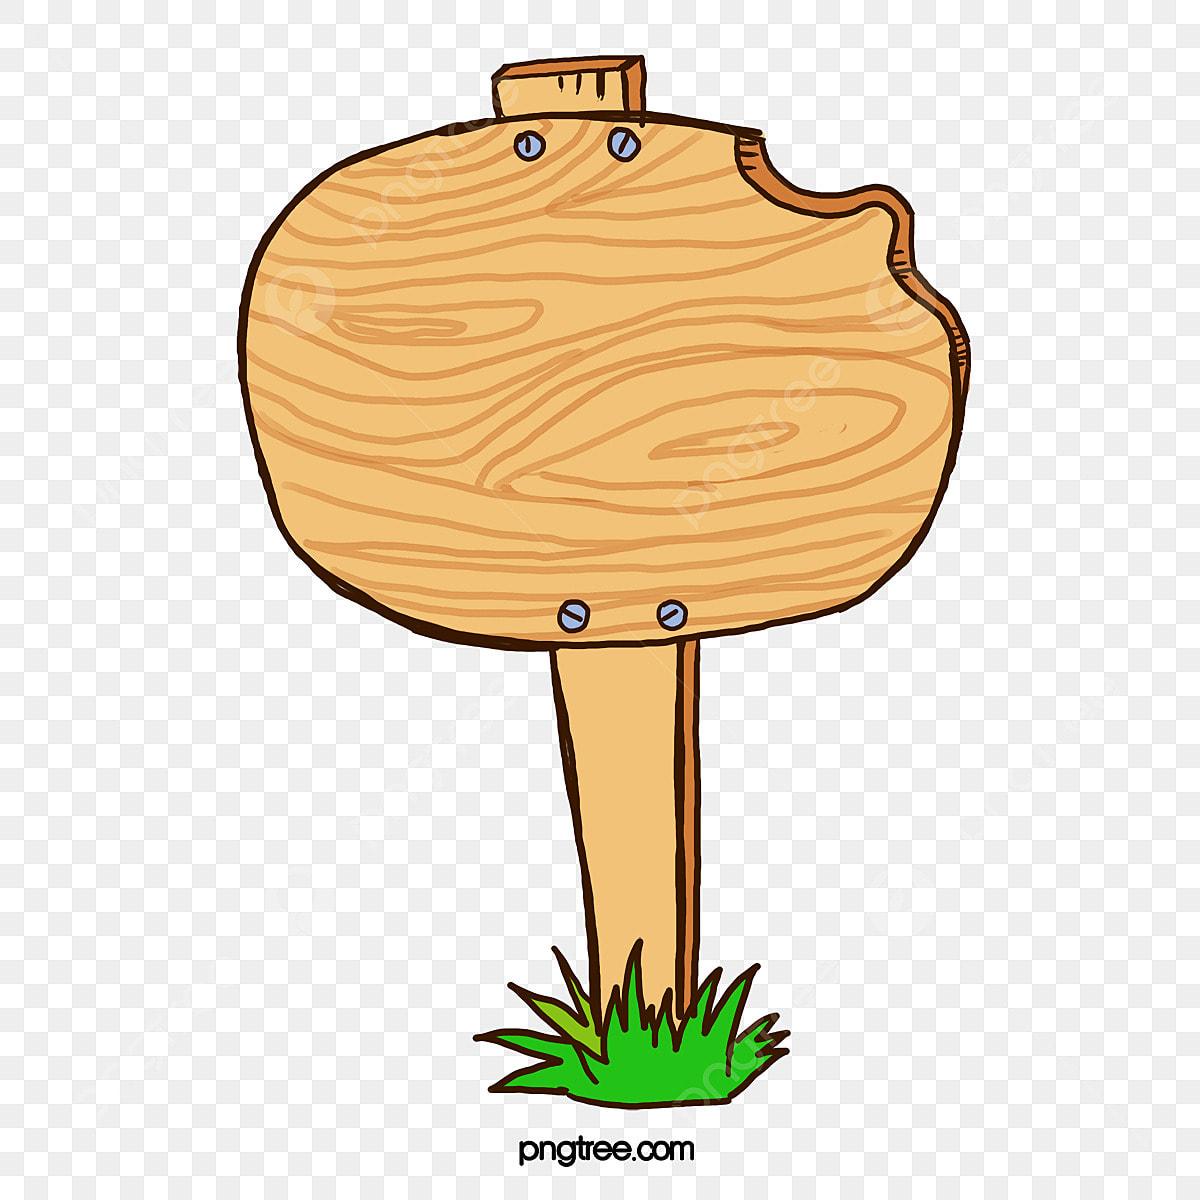 Desenhos De Placas De Madeira Rua A Madeira Cartoon Arquivo Png